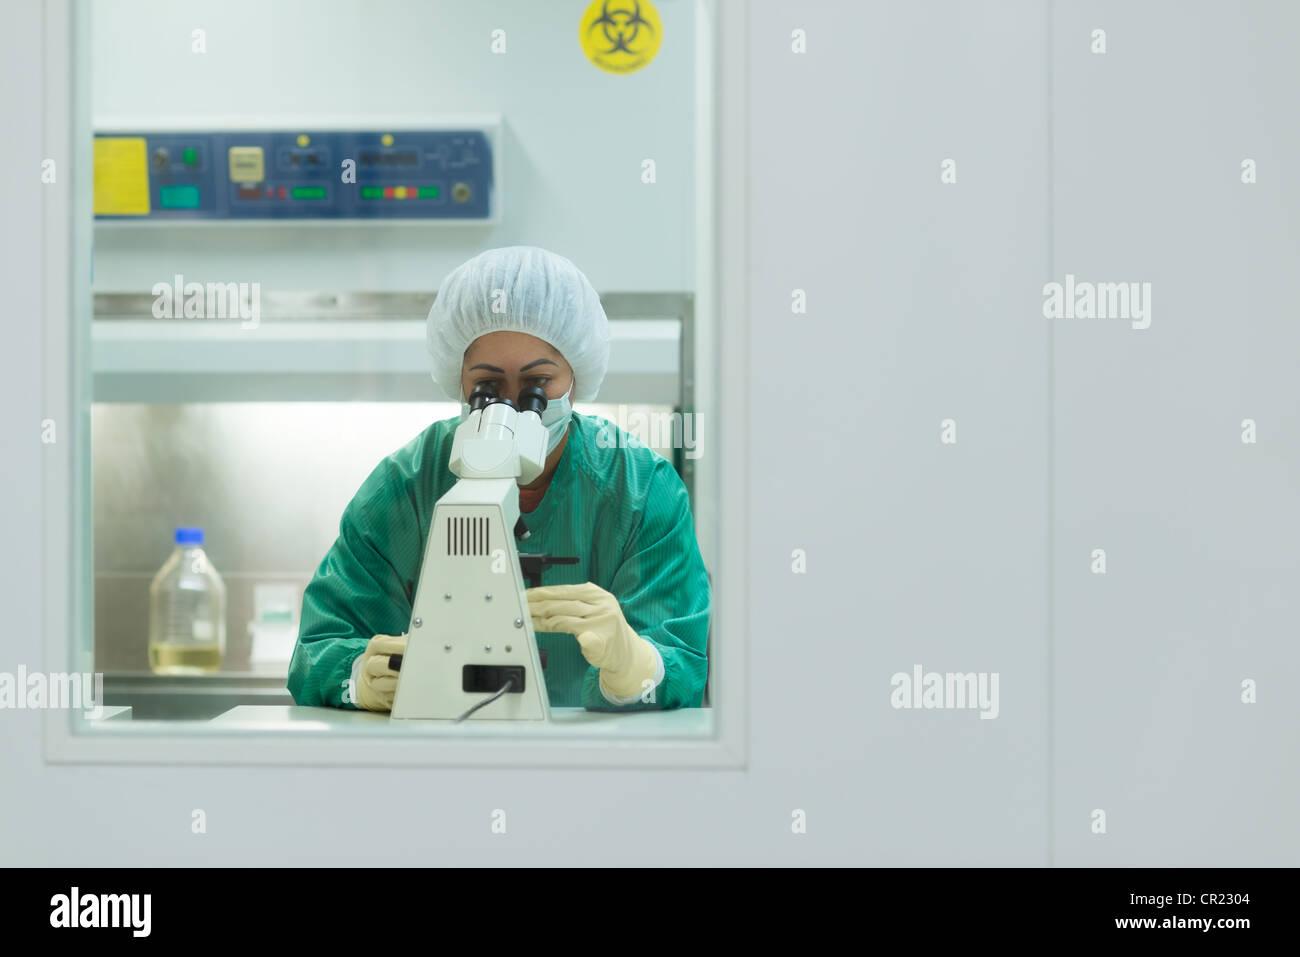 Chercheuse travaillant dans l'industrie pharmaceutique et de laboratoire à la recherche avec microscope. Photo Stock